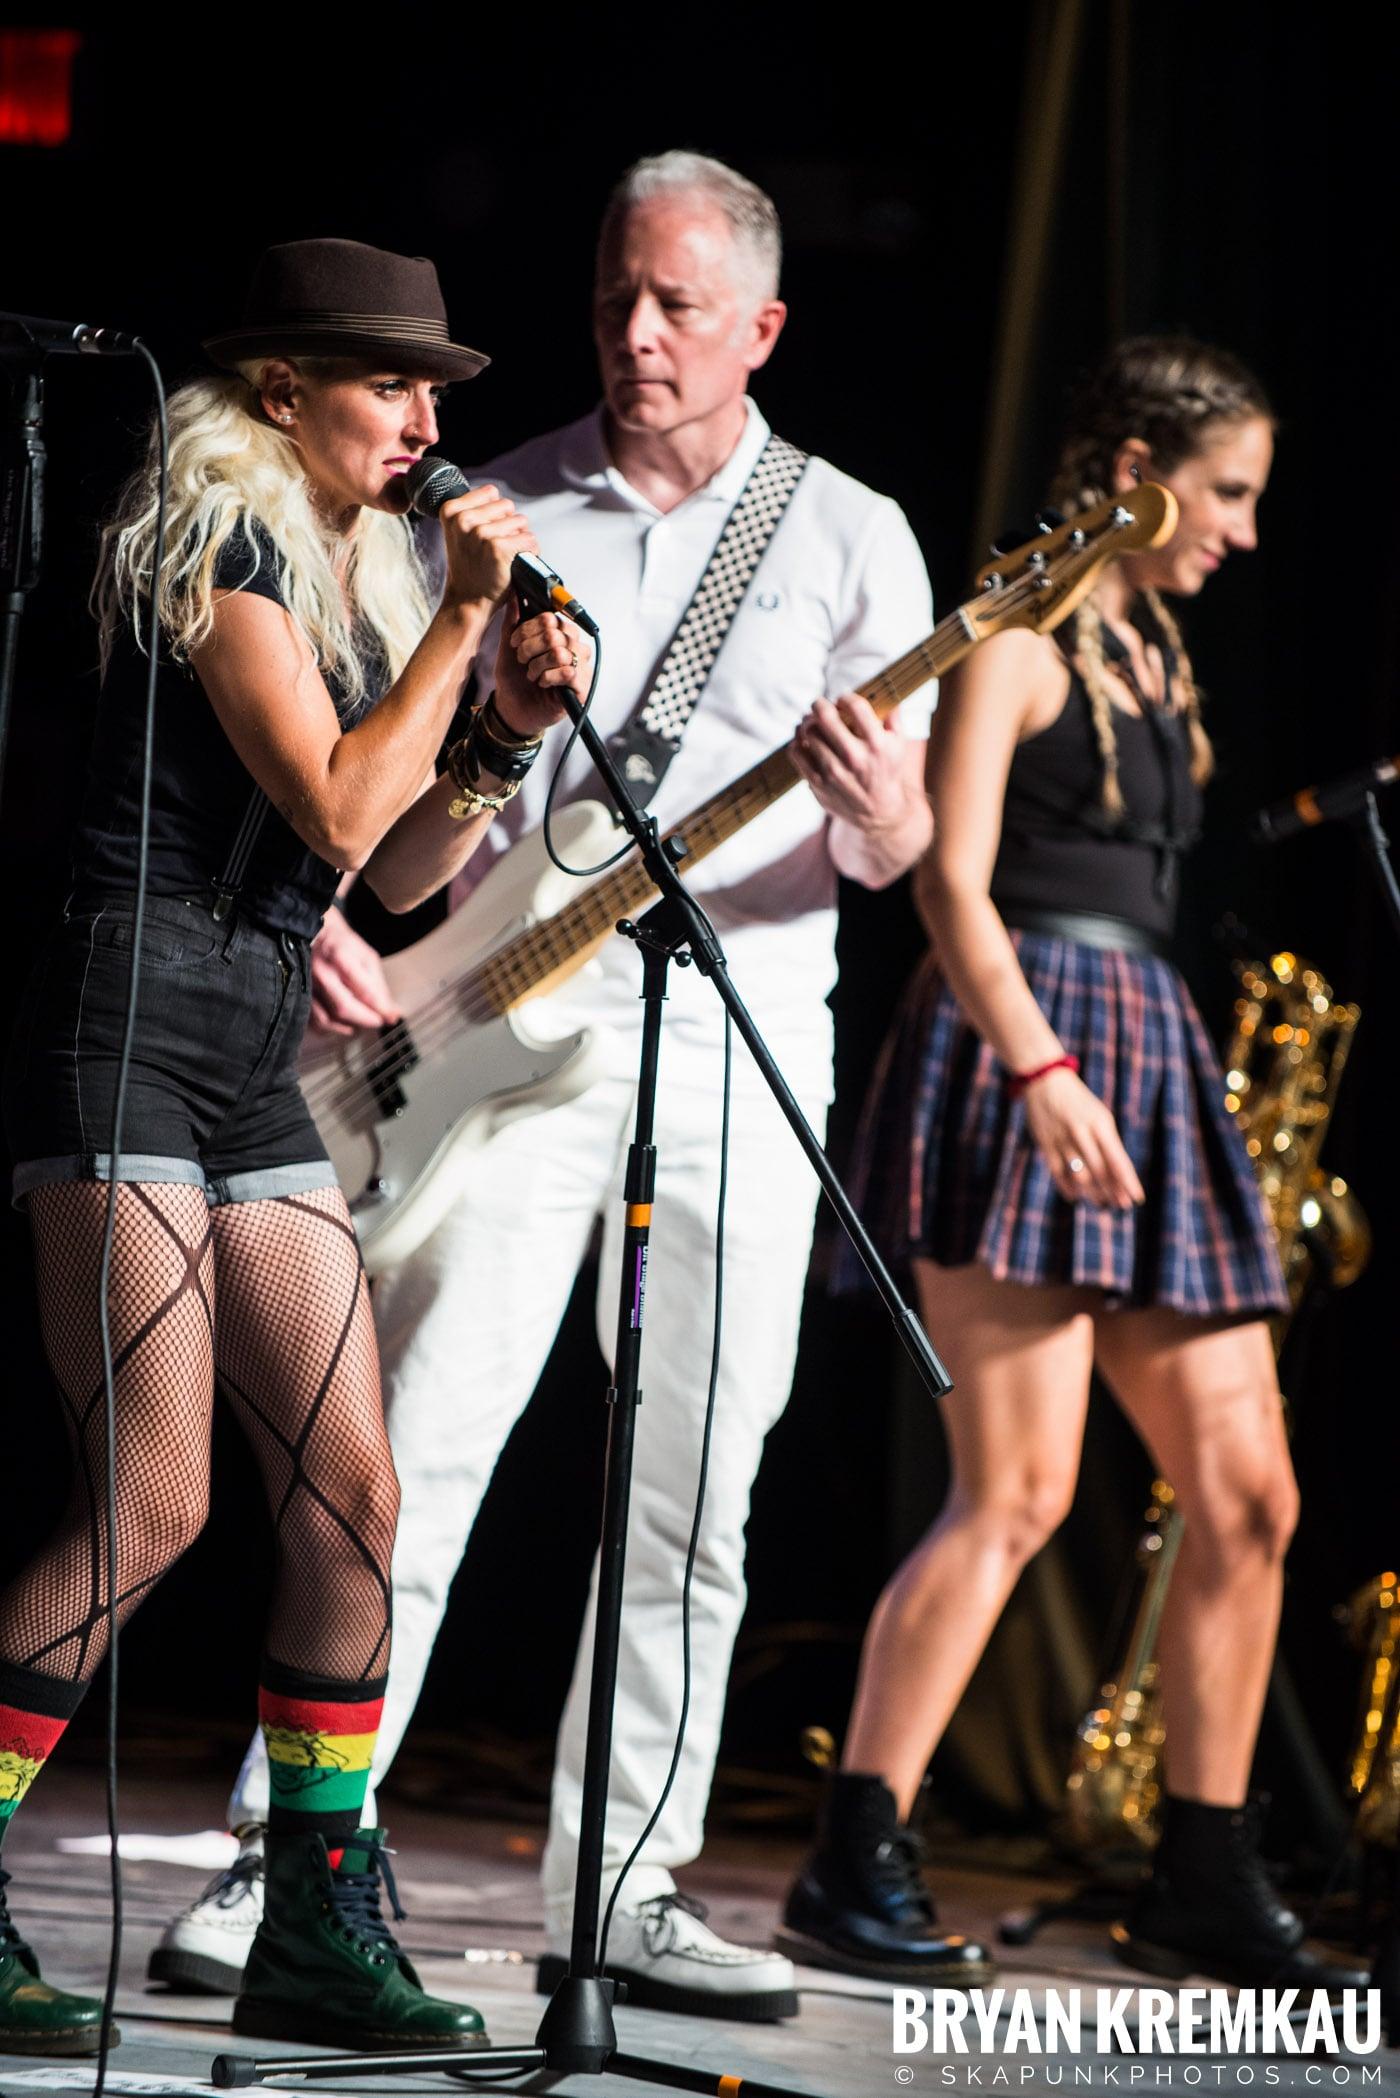 Rude Boy George @ Oskar Schindler Performing Arts Center, West Orange, NJ - 8.19.17 (50)